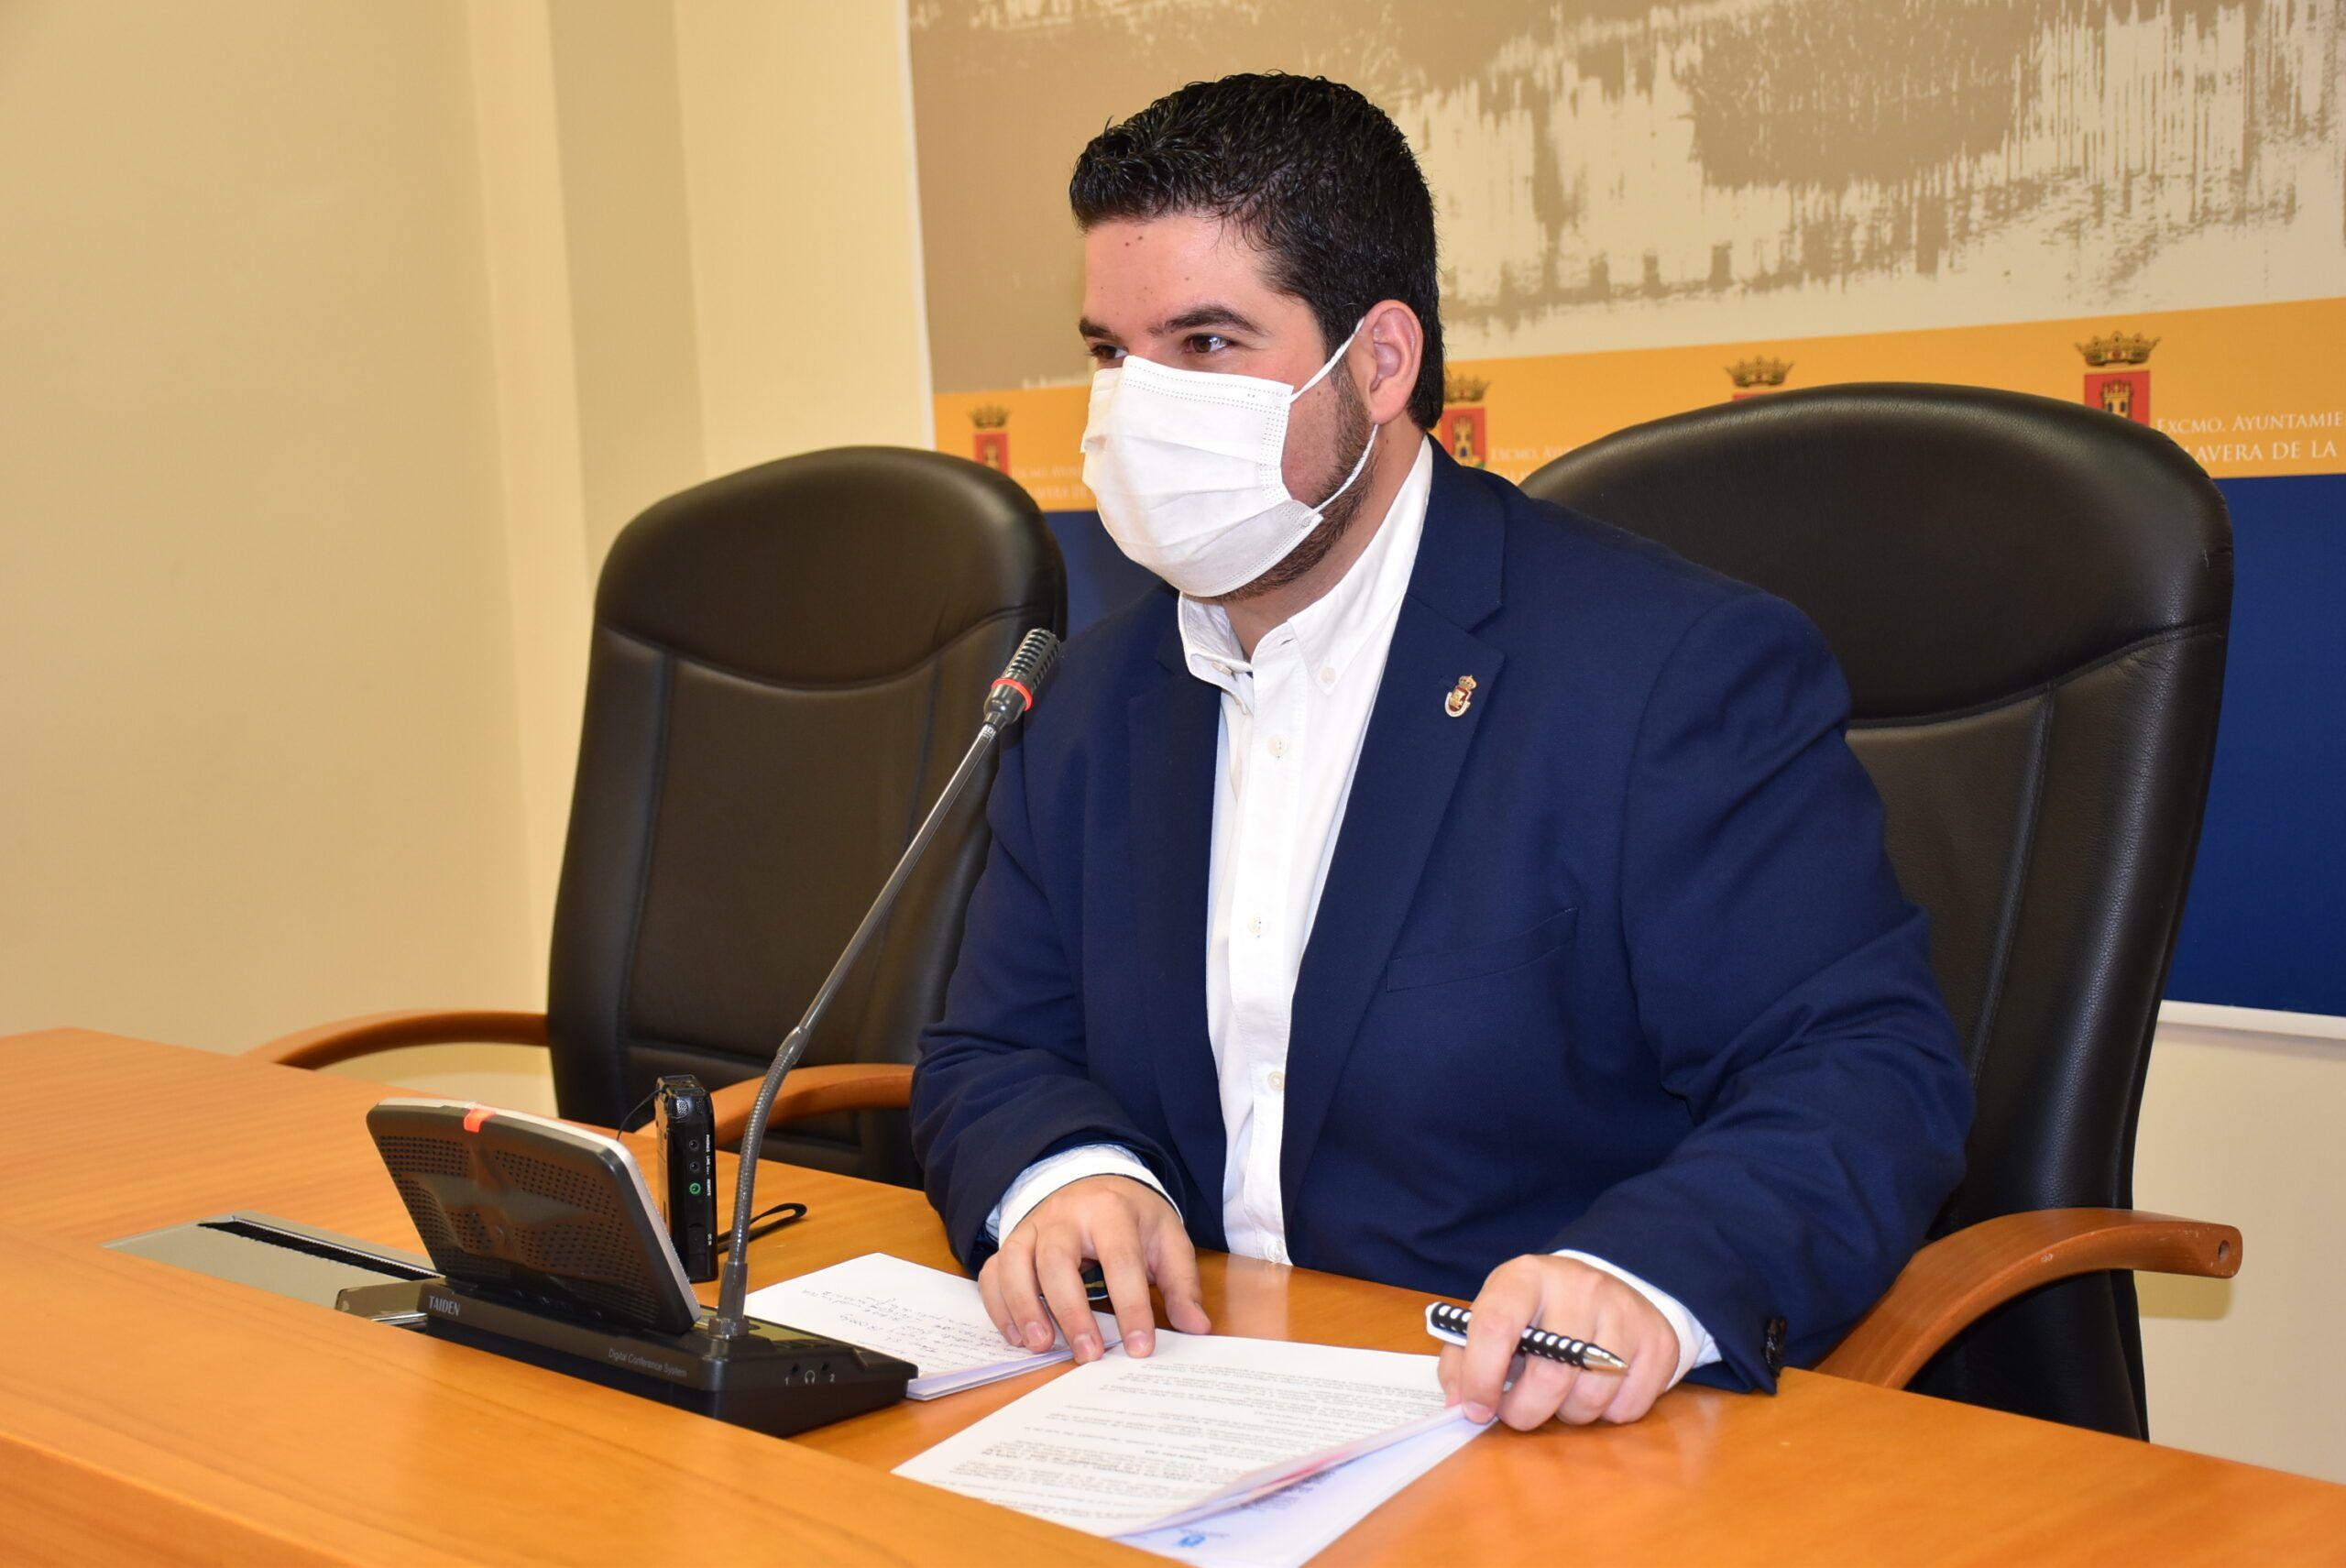 El Ayuntamiento desbloquea la subvención con Cruz Roja Talavera que llevaba sin abonarse a la entidad social desde el año 2016